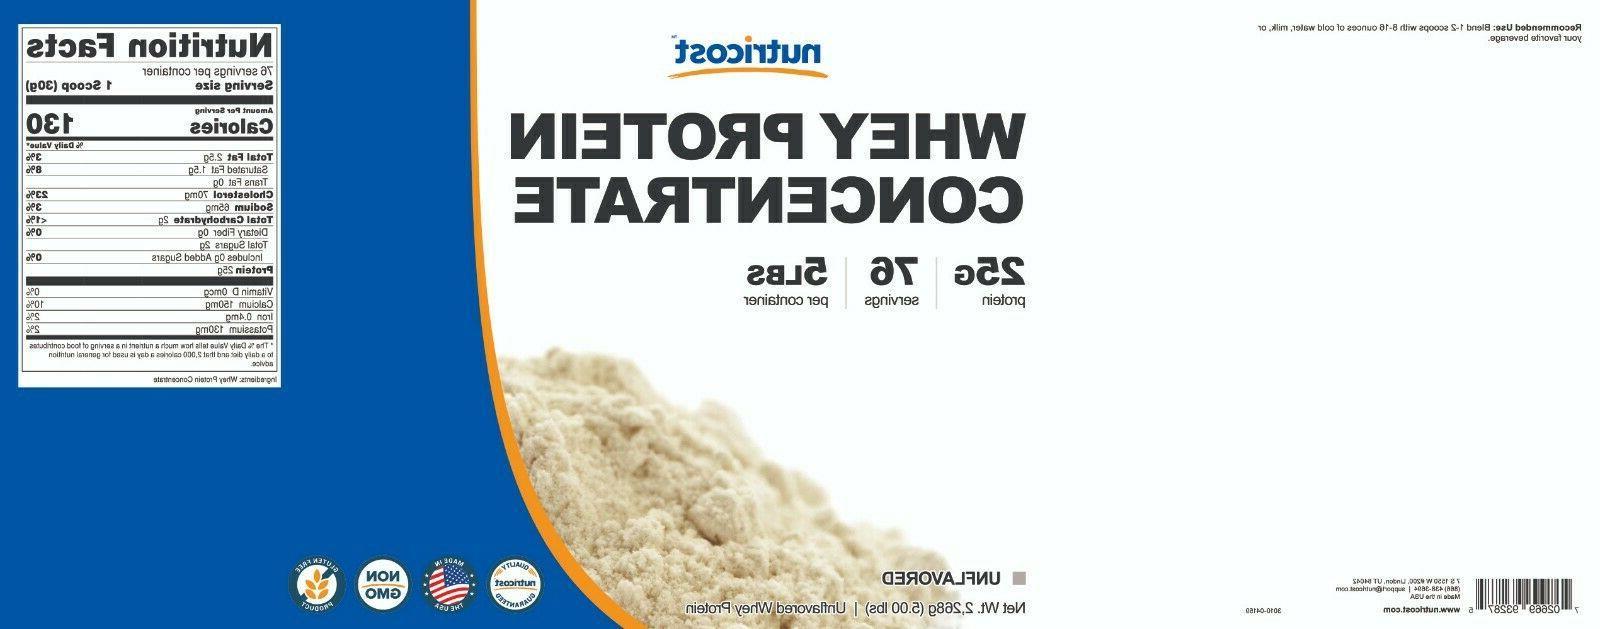 Nutricost Protein Powder